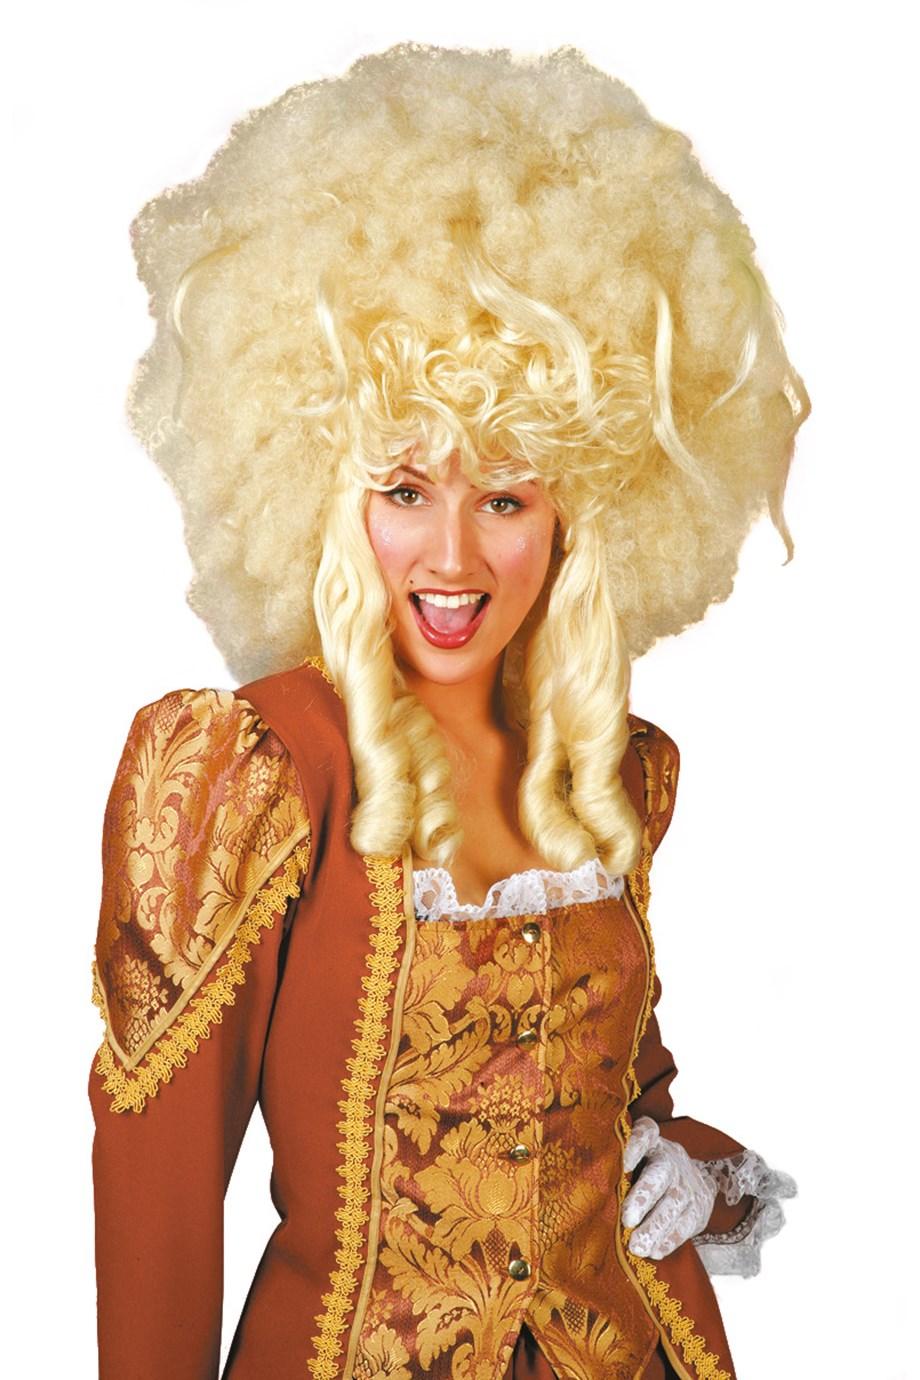 Jumbo queen blond